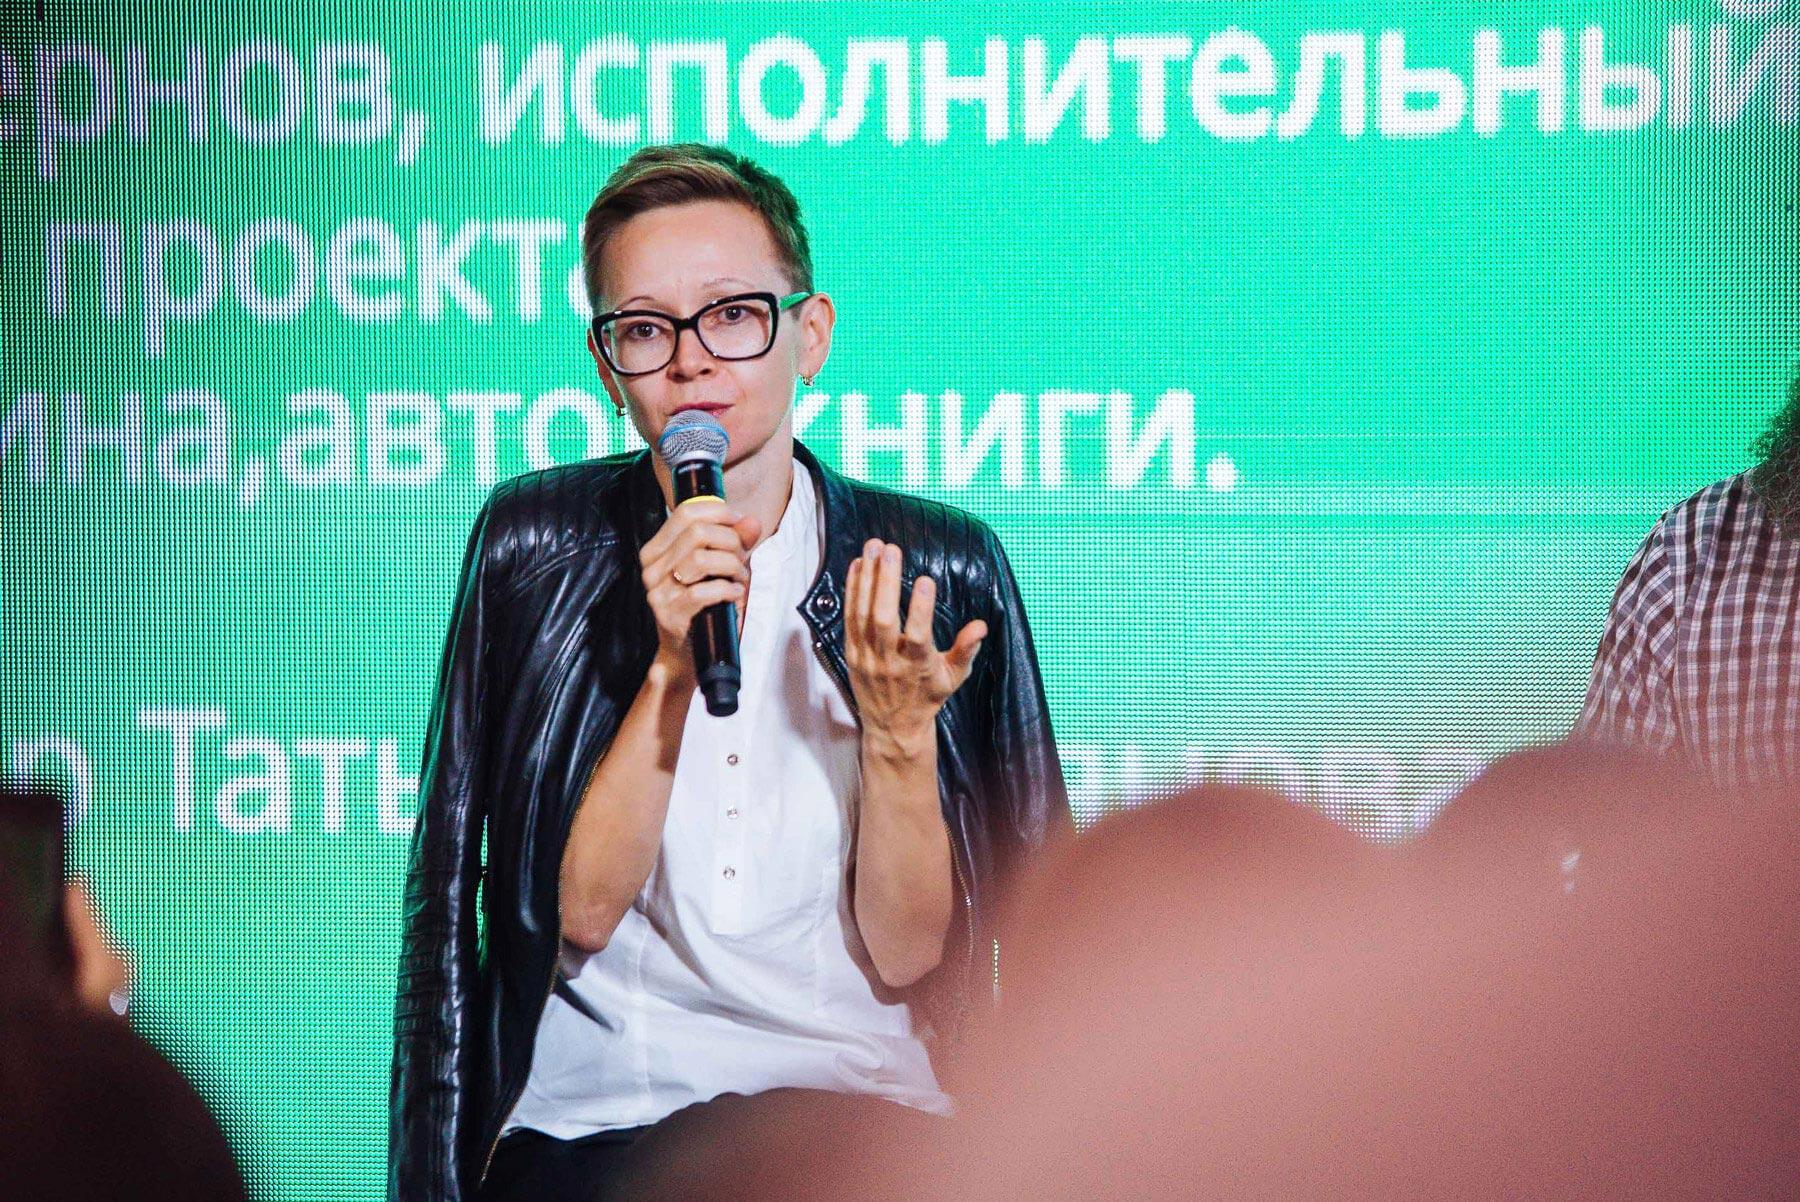 Гузель Яхина выступает на Московской книжной ярмарке, 2019. Фото предоставлено писательницей